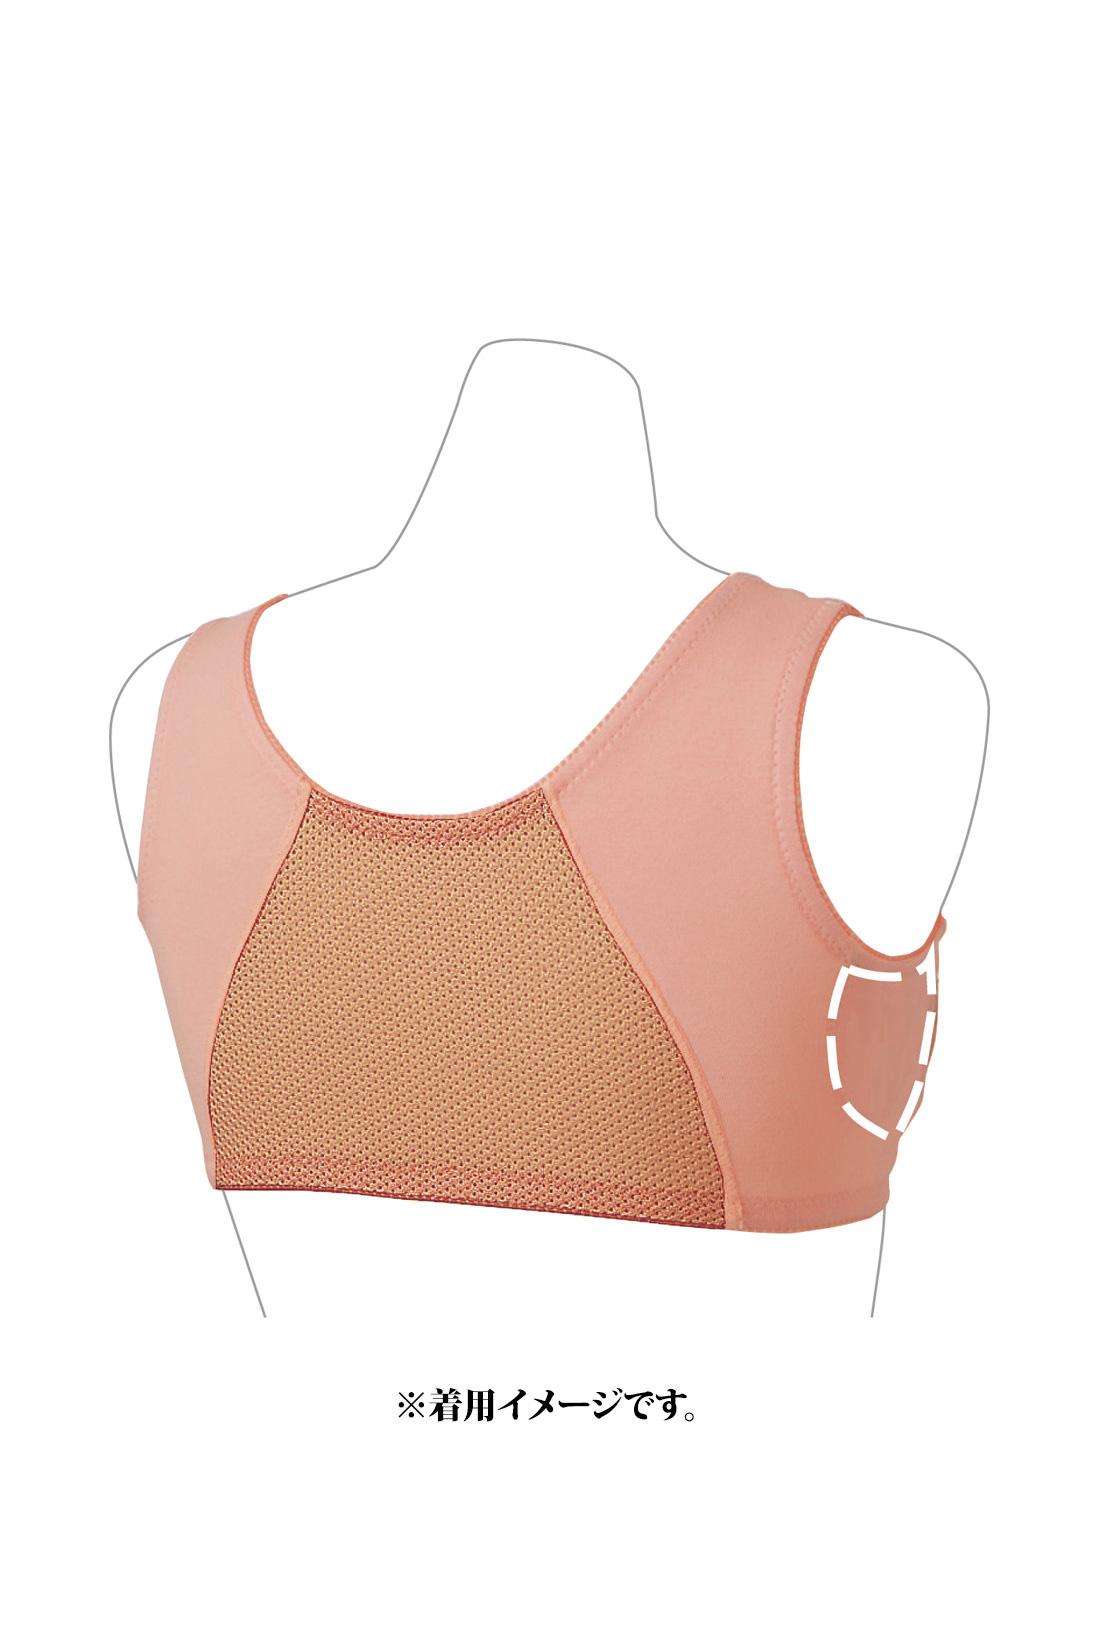 これは参考画像です。Back 背中と肩の前部分はメッシュ素材で、汗の季節も快適。わき部分は二重仕立てで、わき汗を吸収。